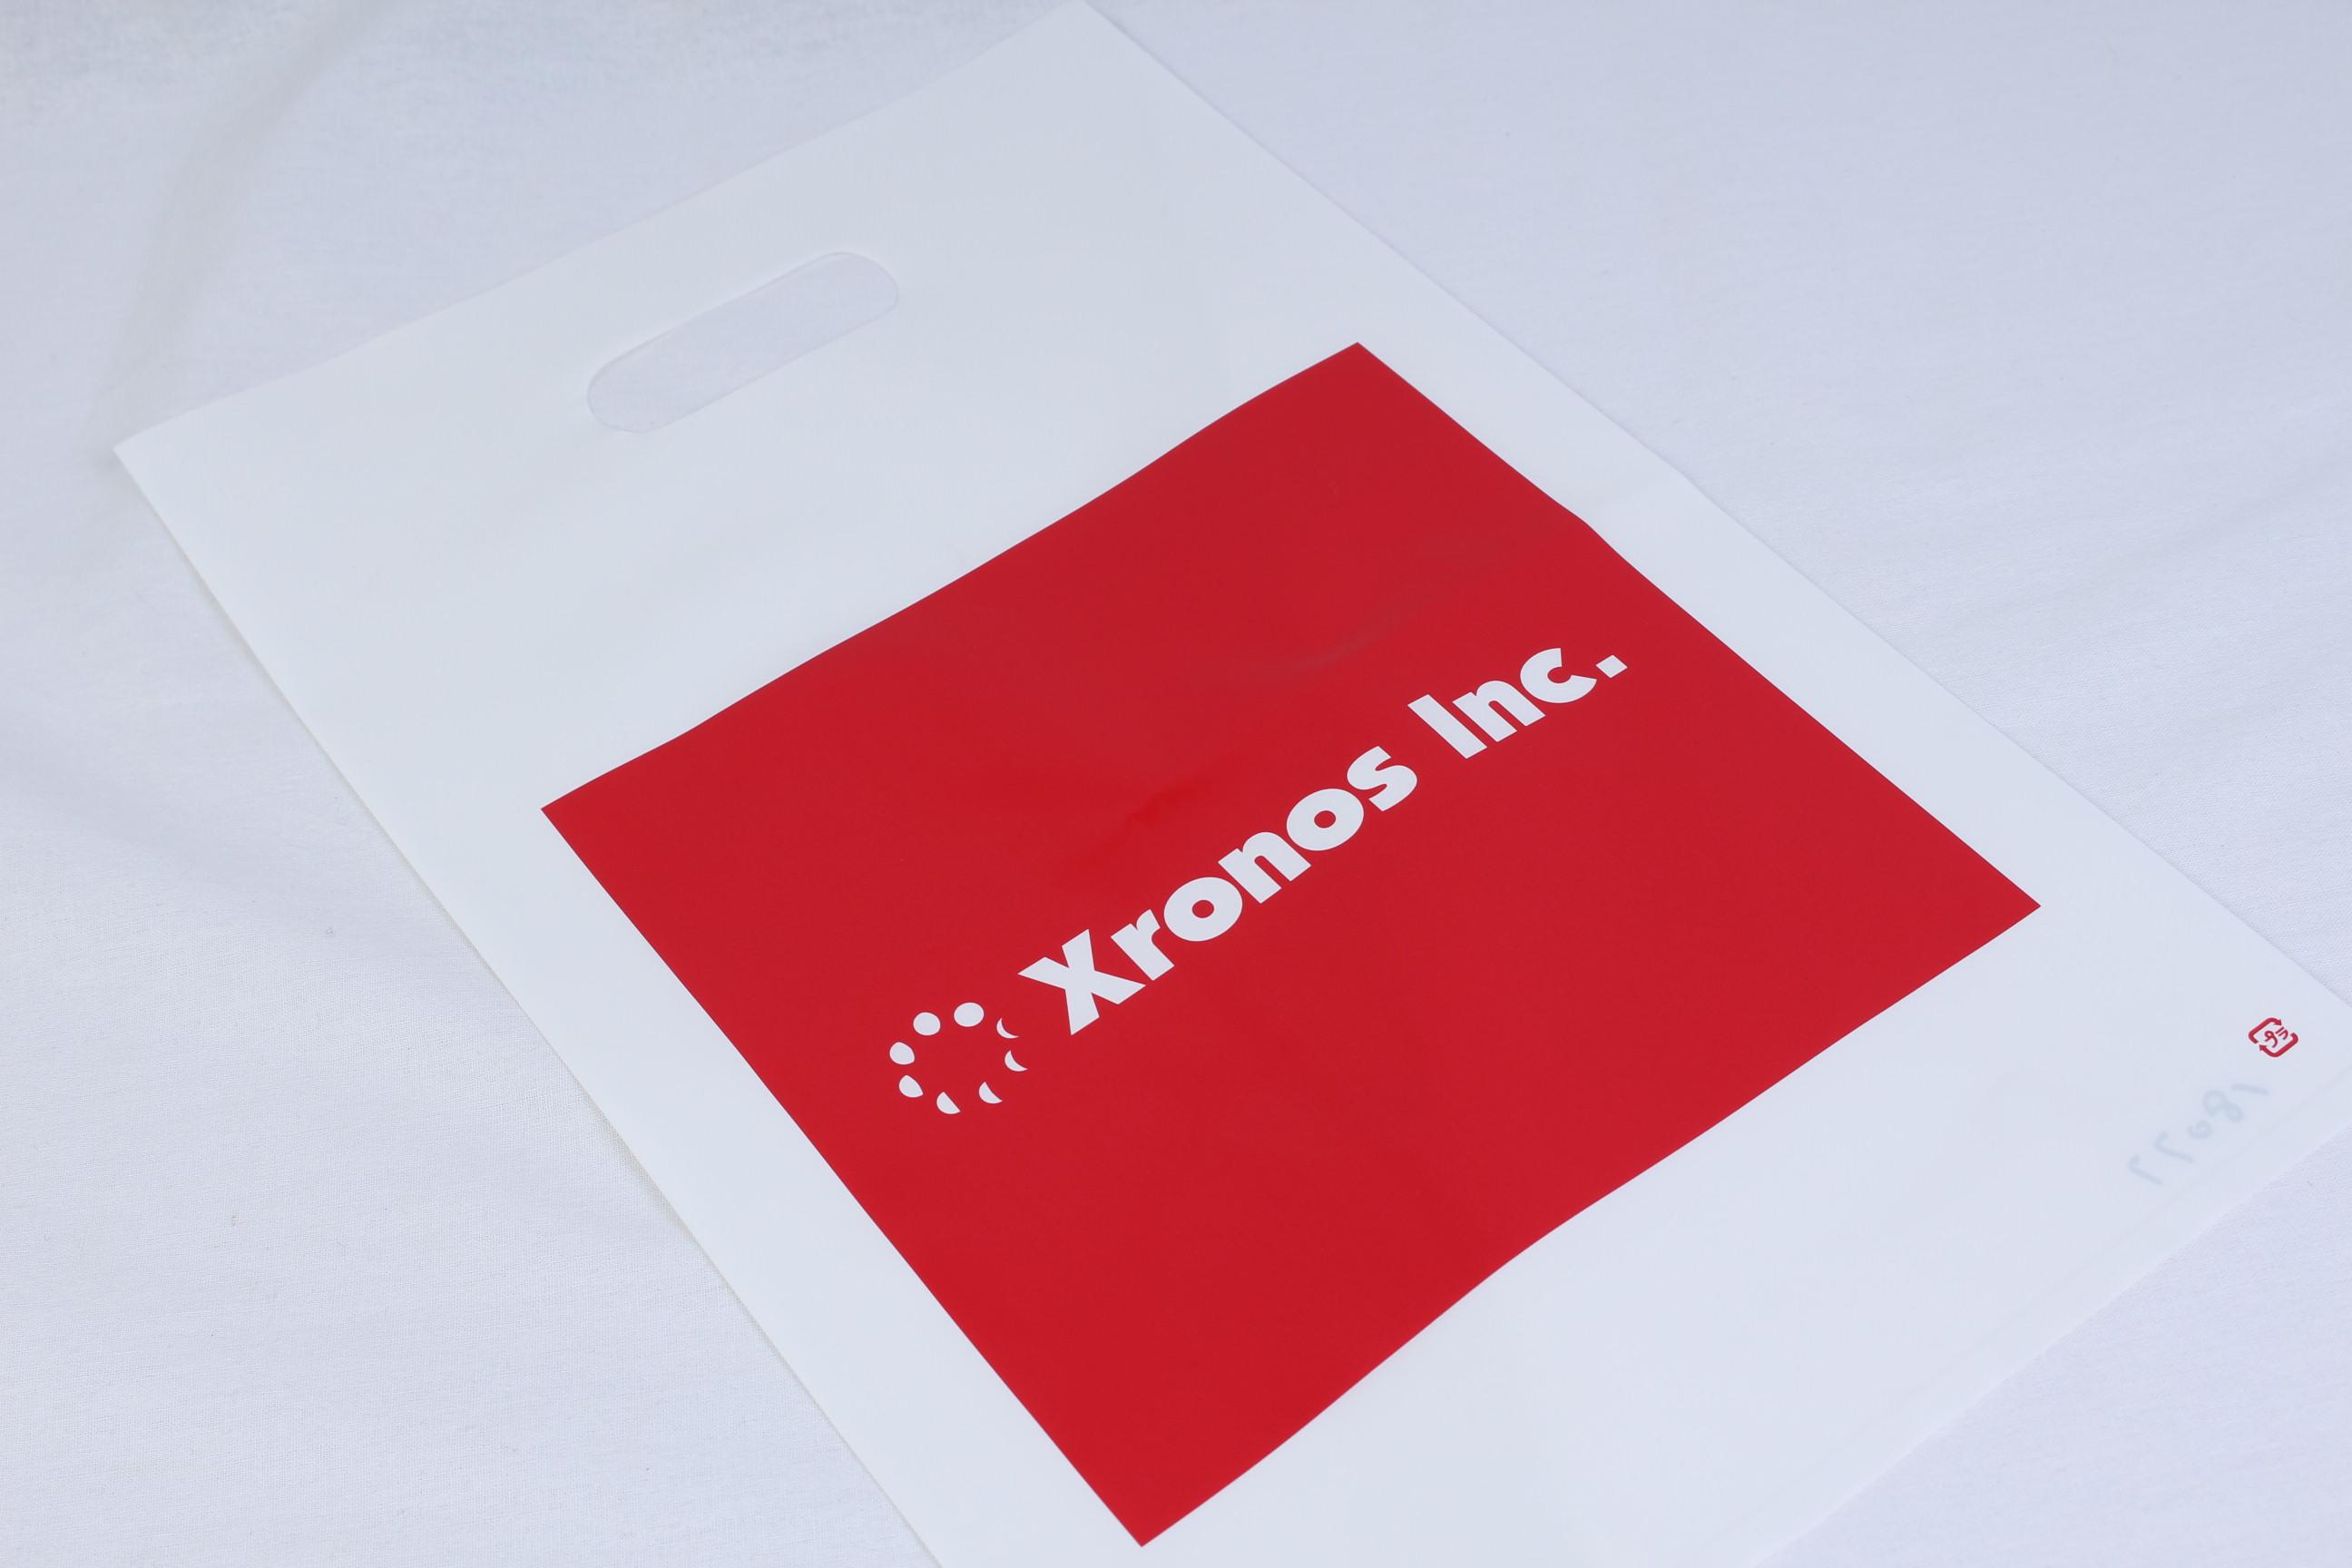 WEBシステム、モバイルアプリ開発を行っておられます企業様オリジナルポリ袋